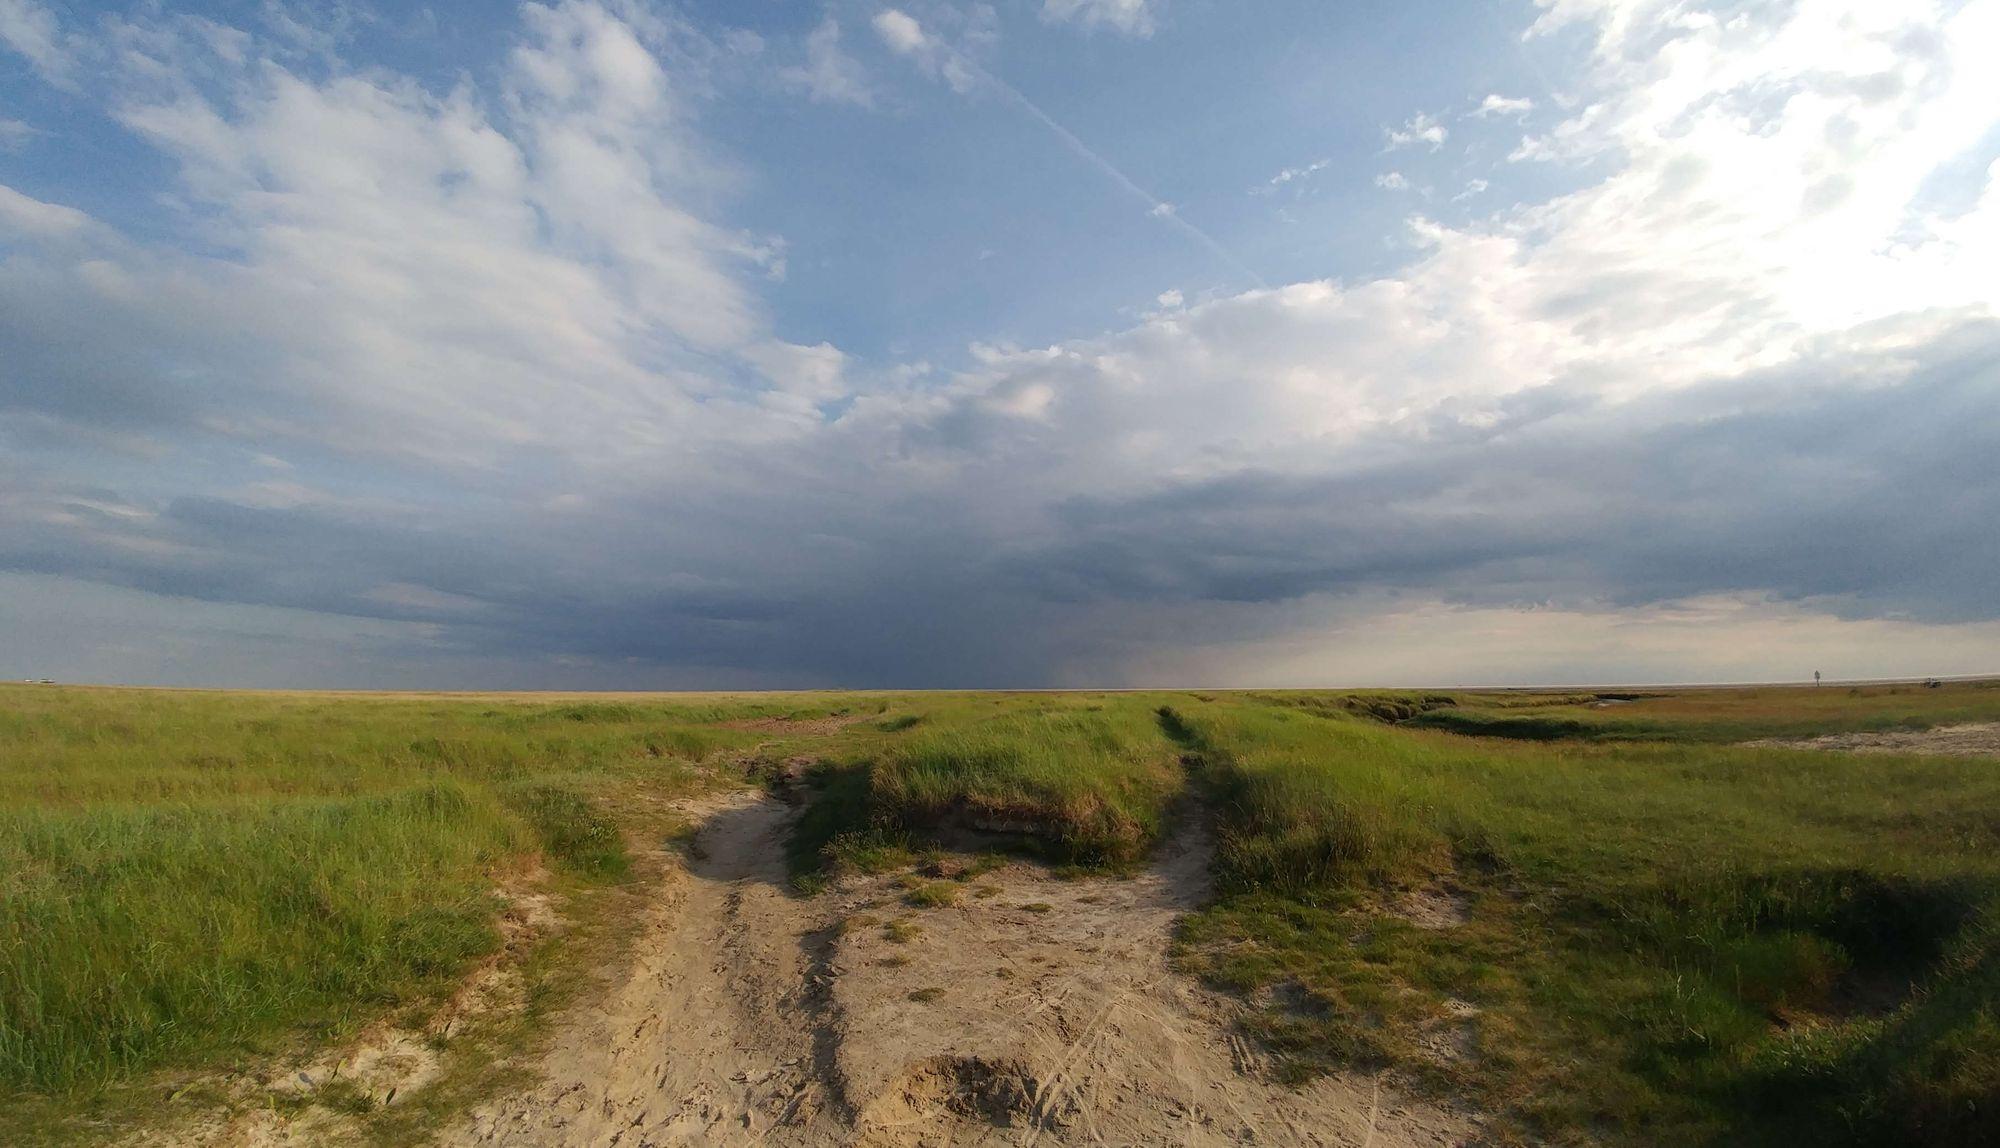 Nordsee Landschaft im JPEG Format